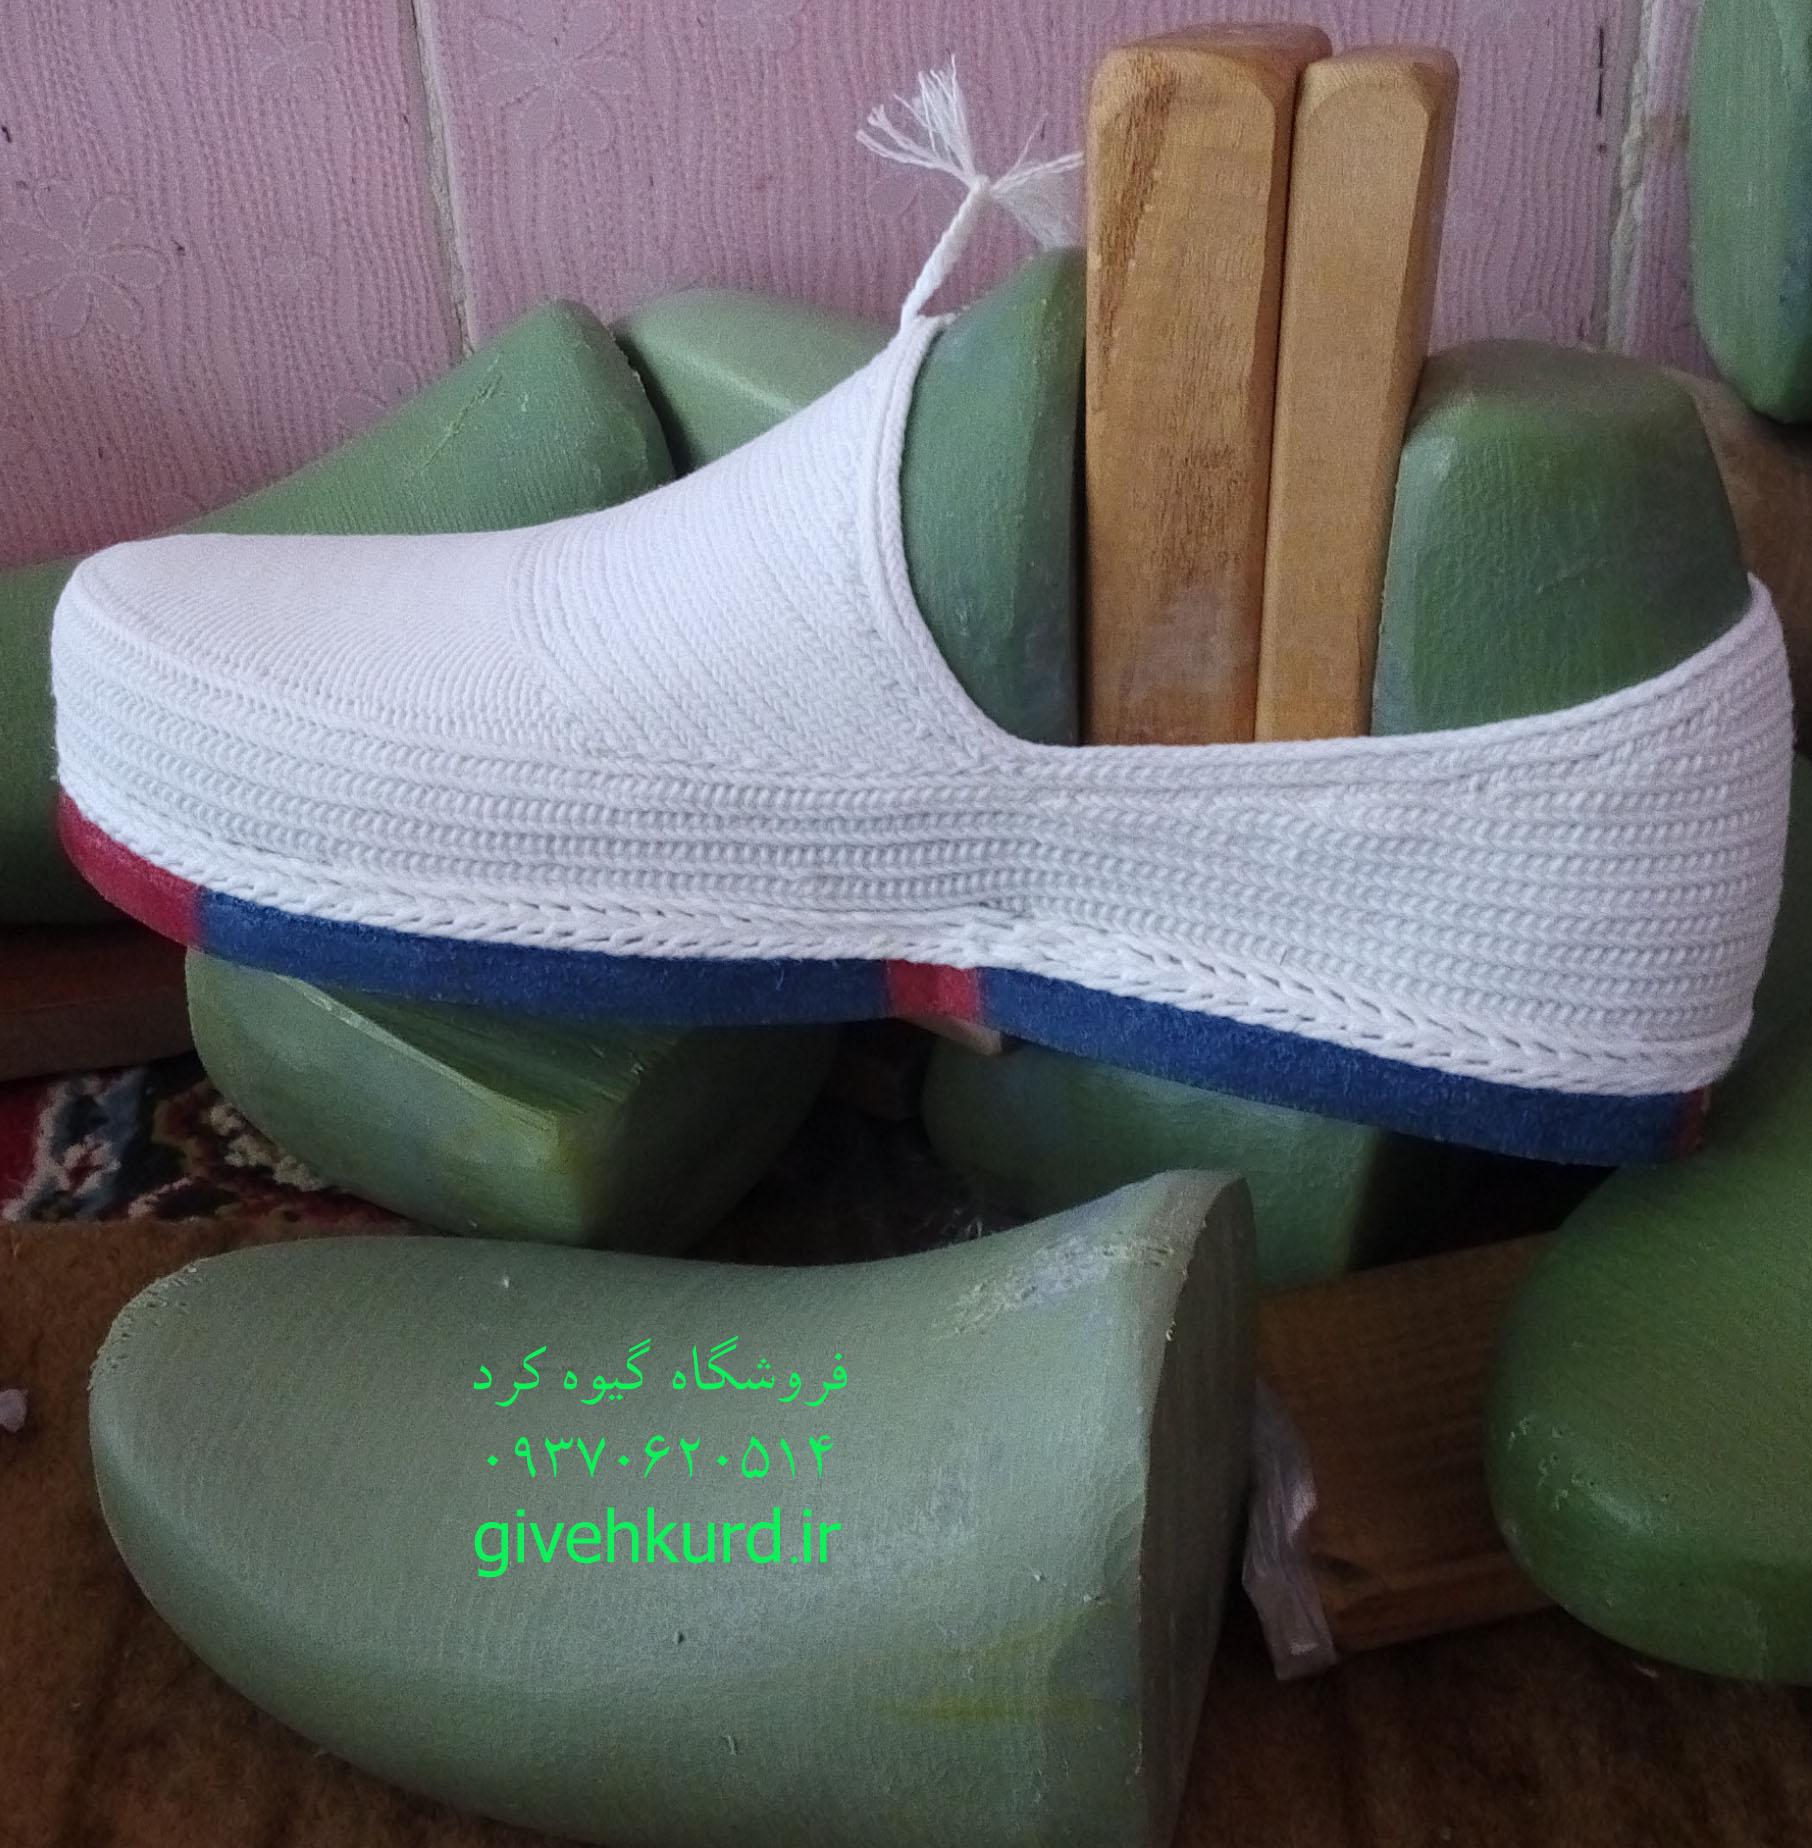 فروش اینترنتی کفش کلاش کردستان . فروشگاه گیوه کرد